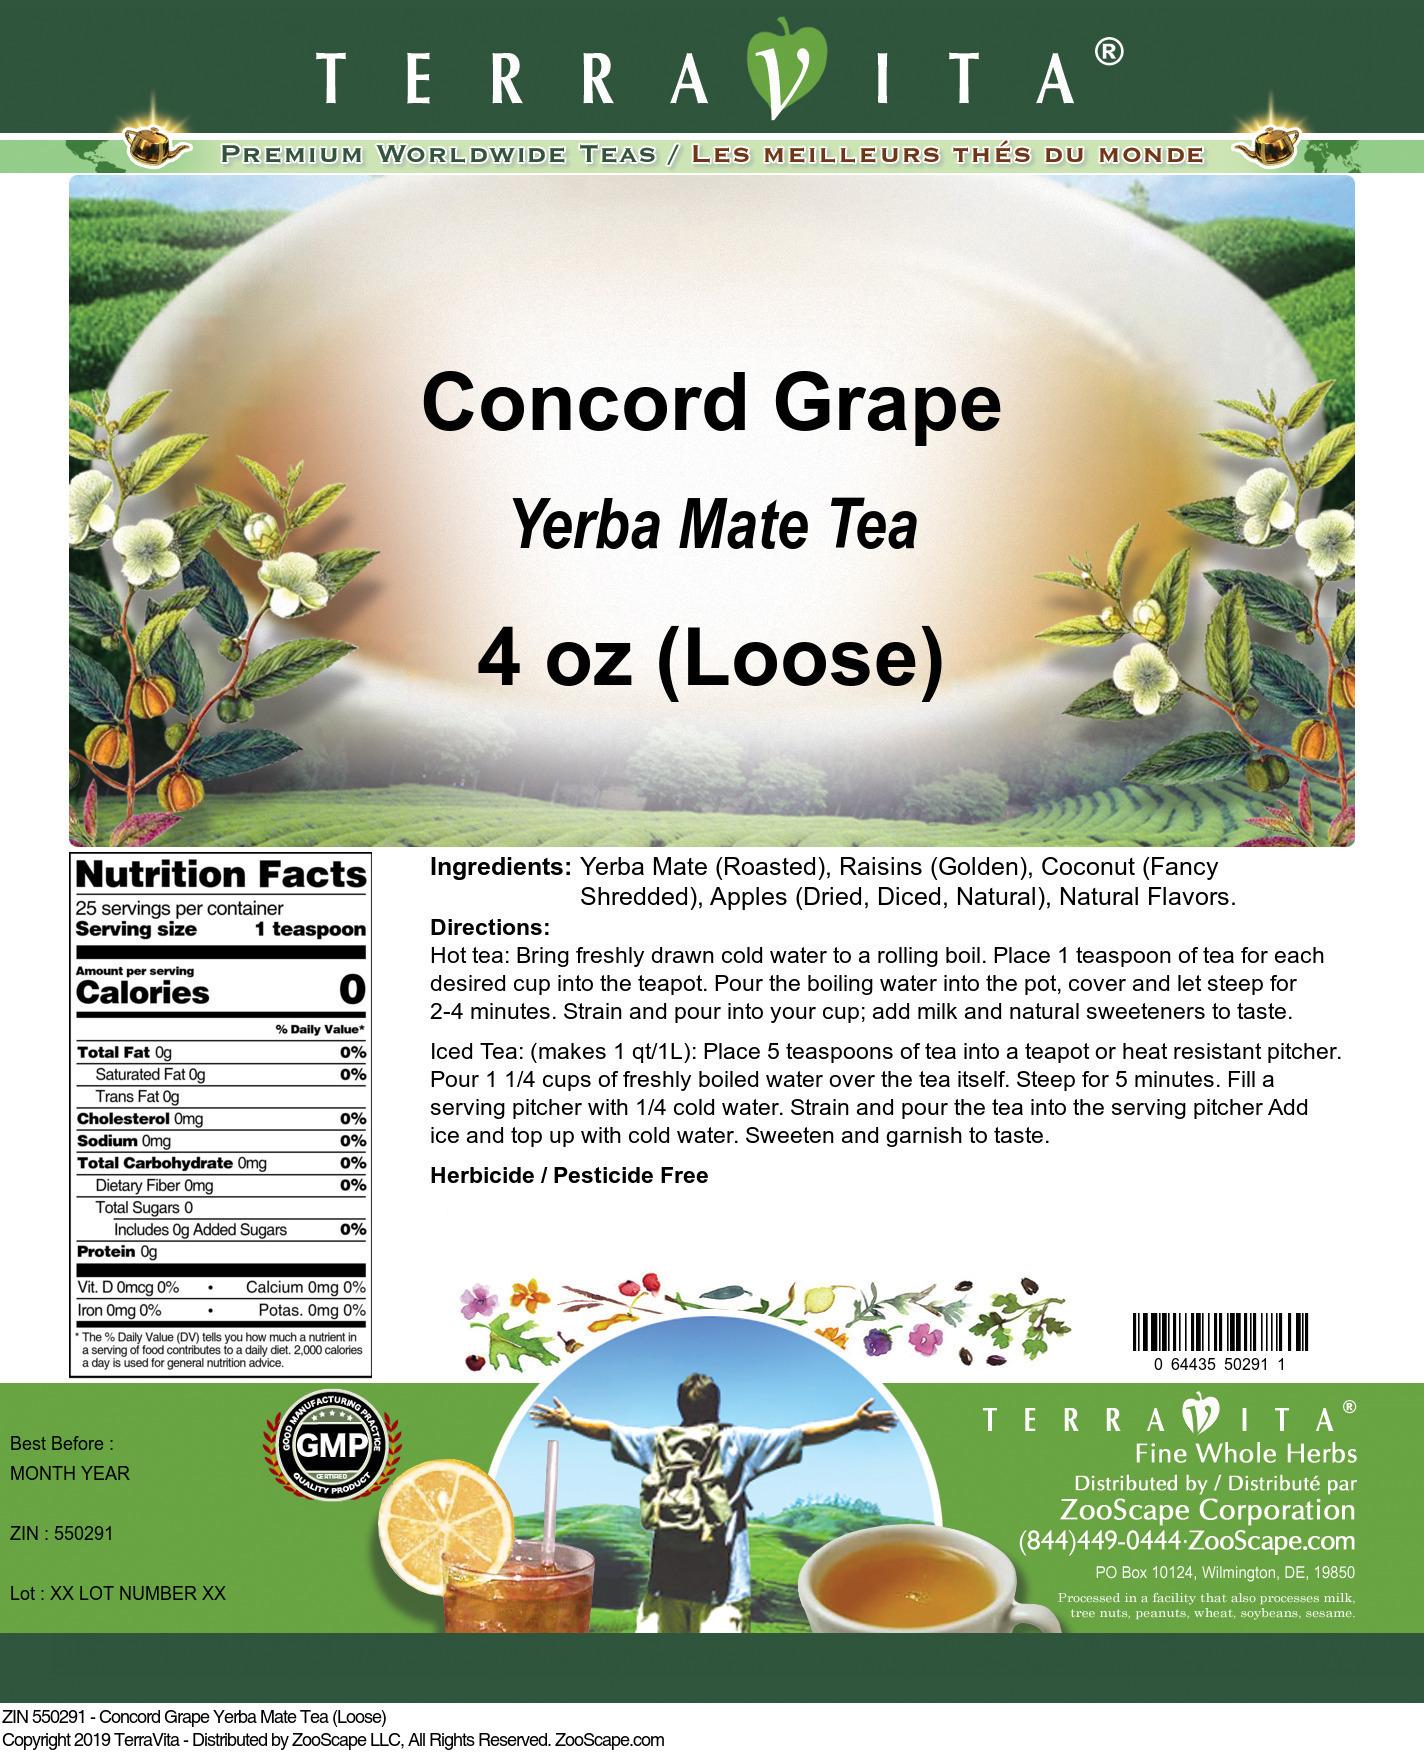 Concord Grape Yerba Mate